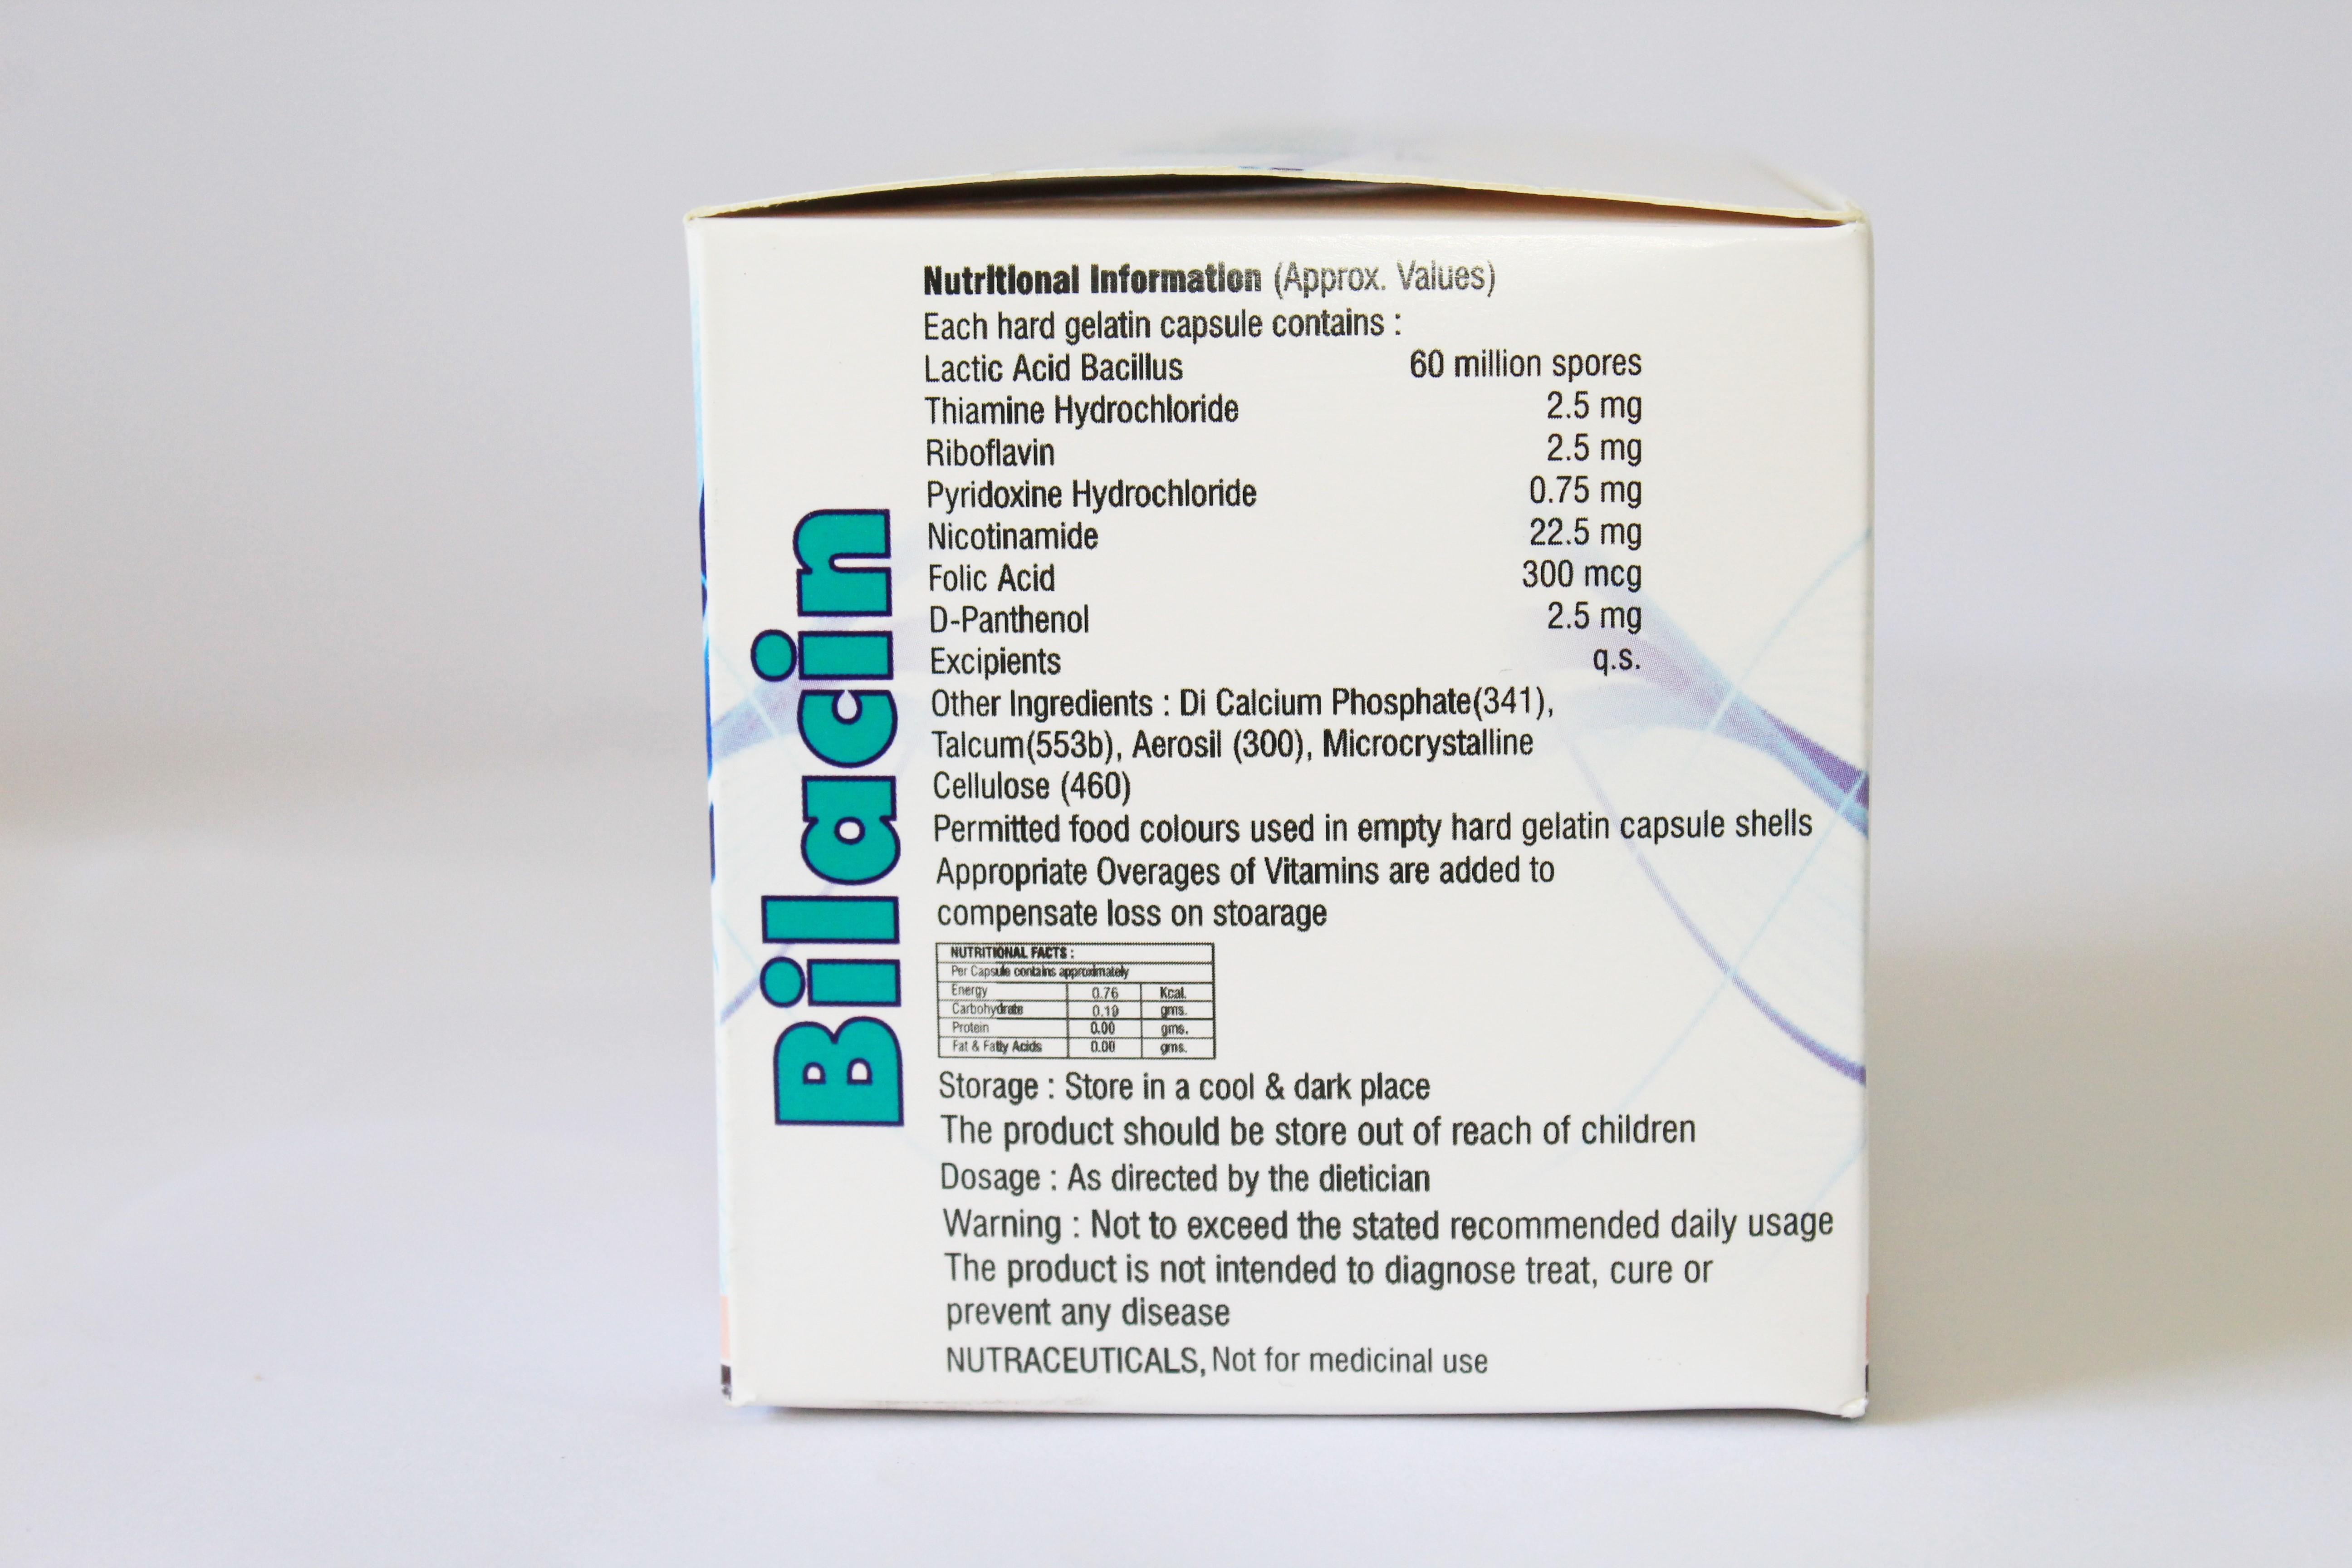 Vitamin-b Complex With Lactic Acid Bacillus Capsules